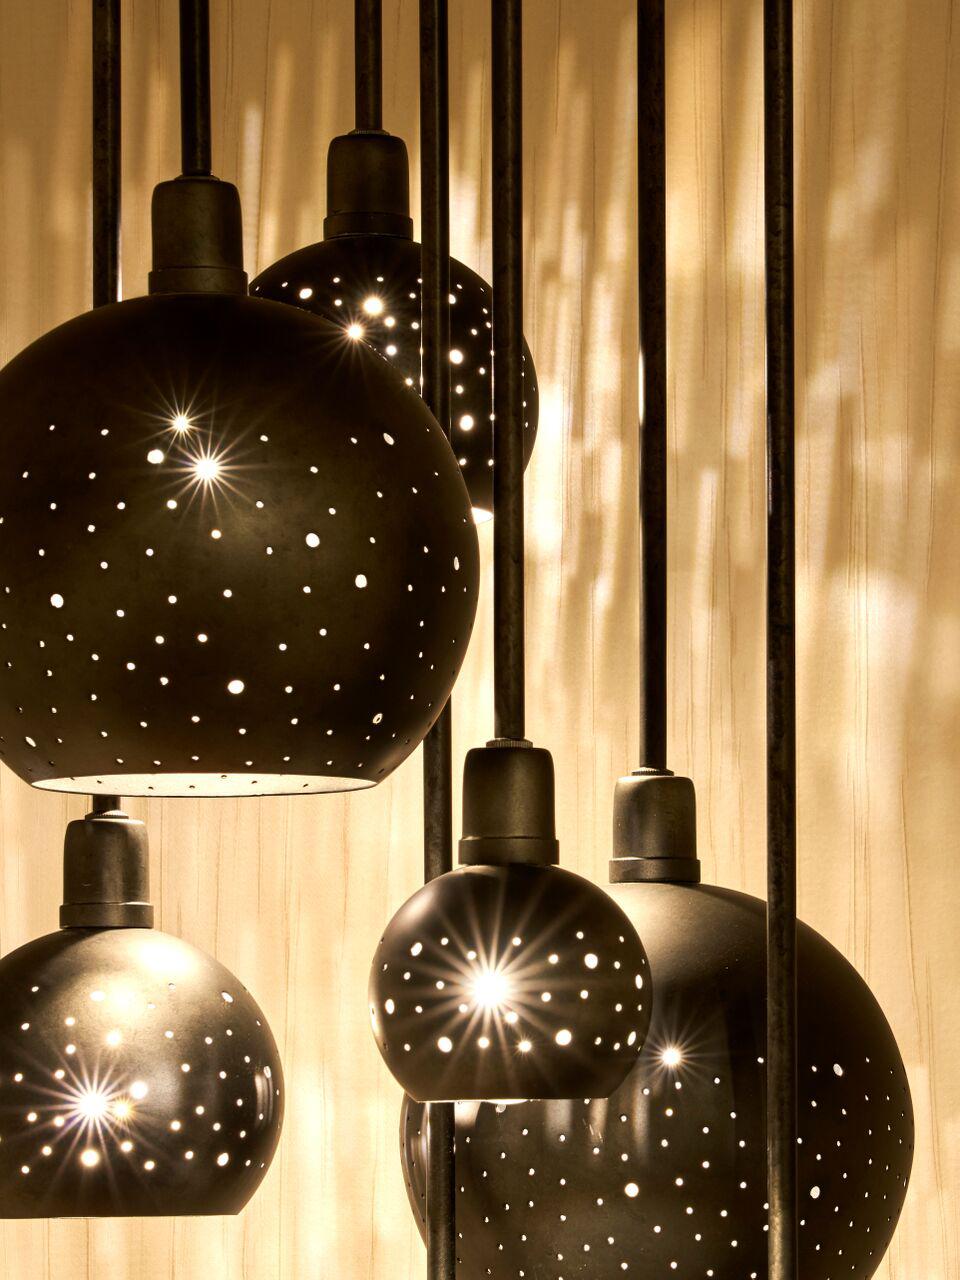 McGinn-Photography-HB-Lighting-bXdWgv_Q.web.jpg